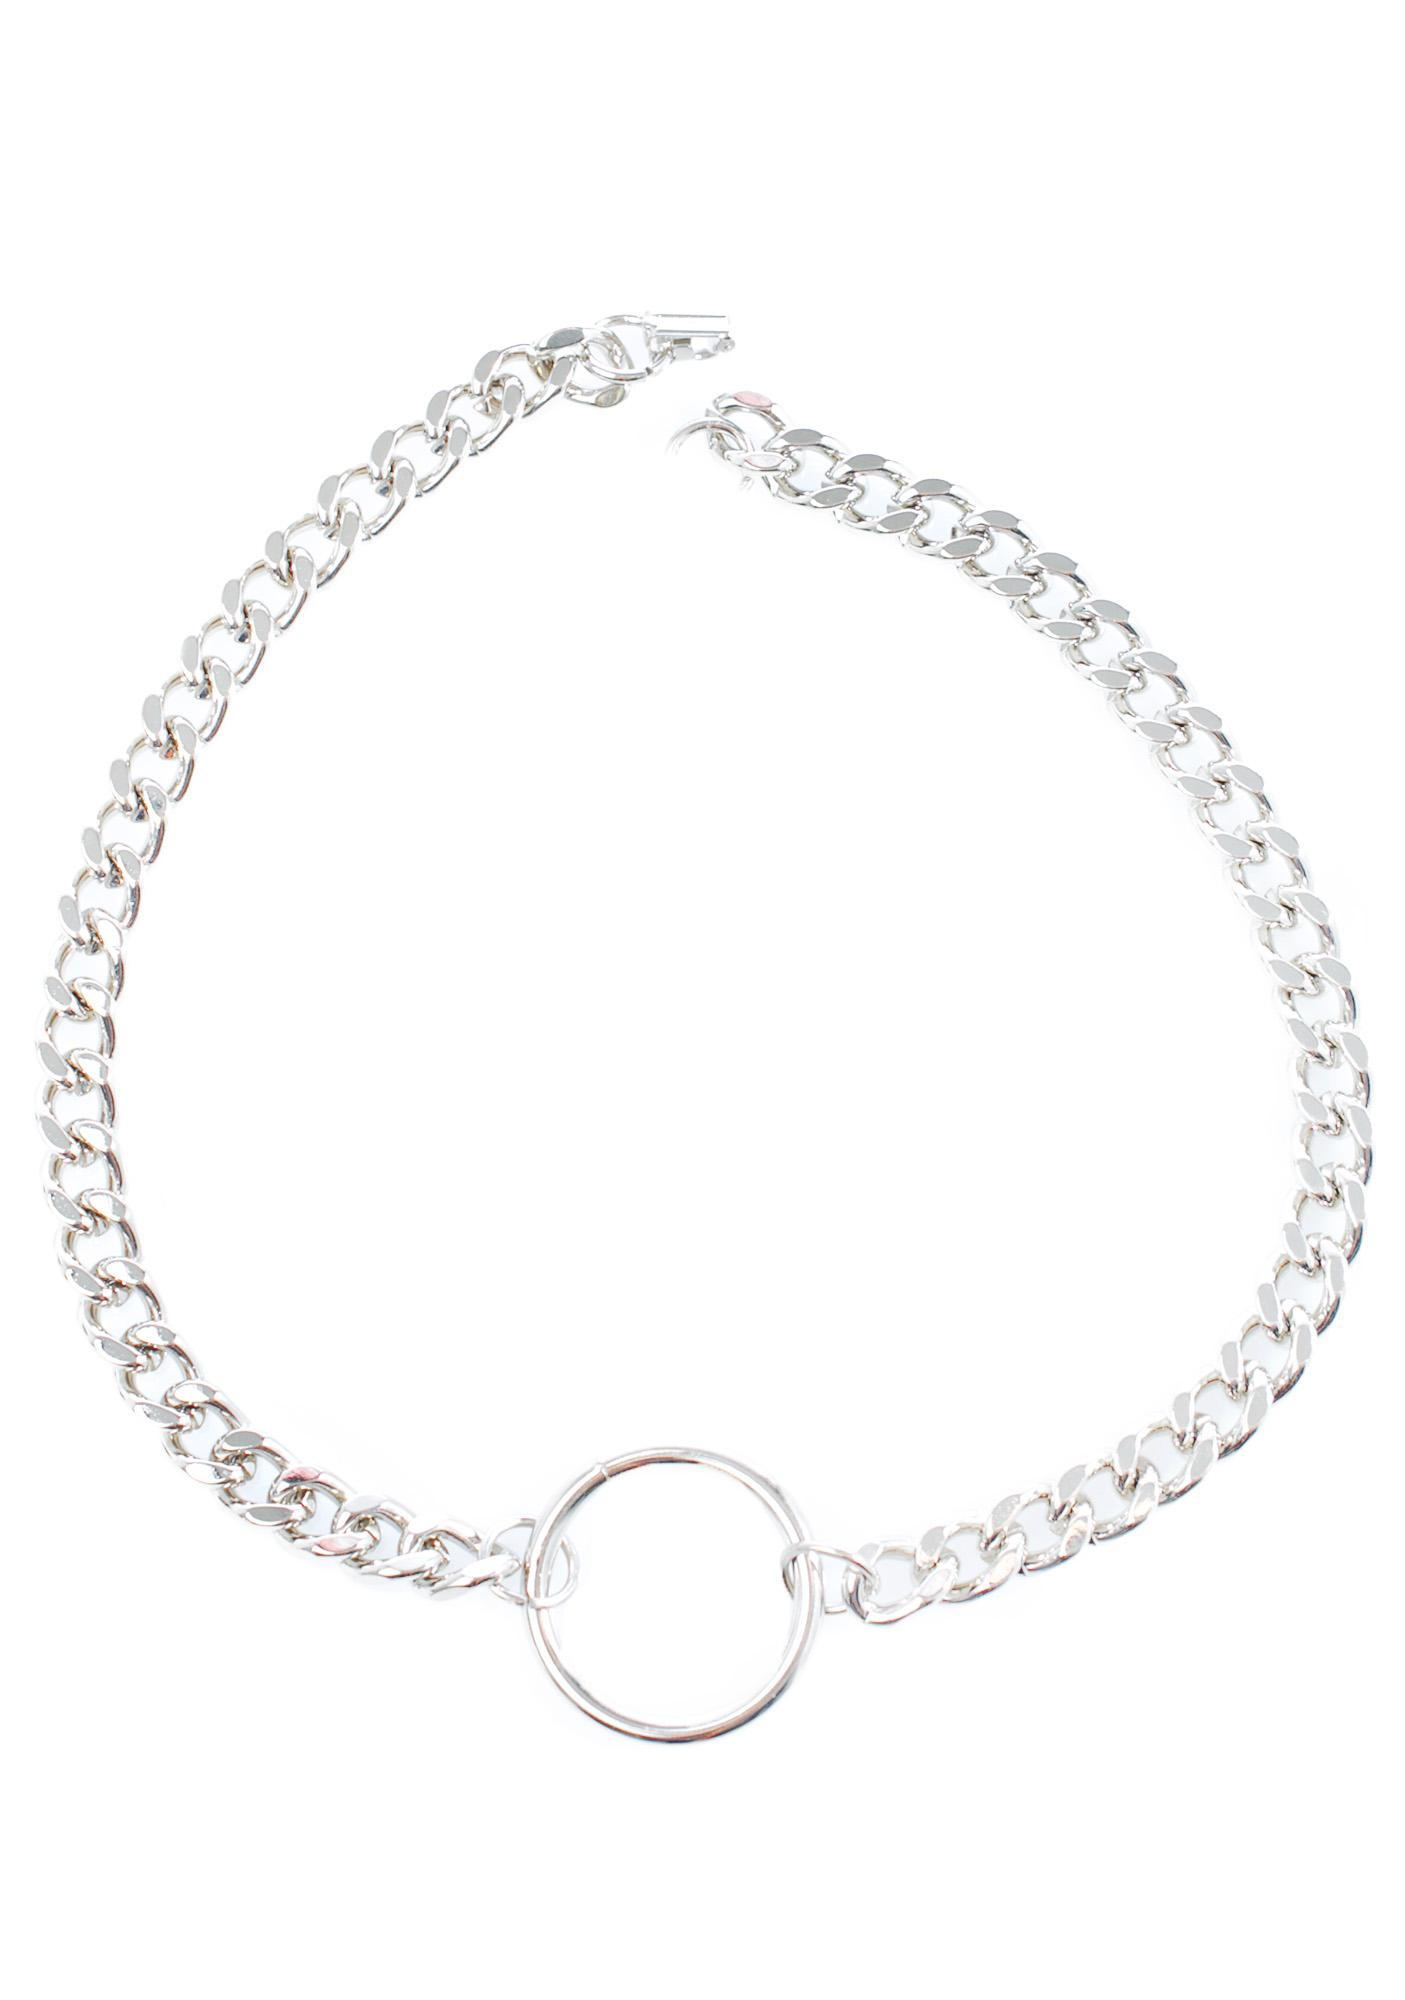 Club Exx Villain O-Ring Chain Necklace